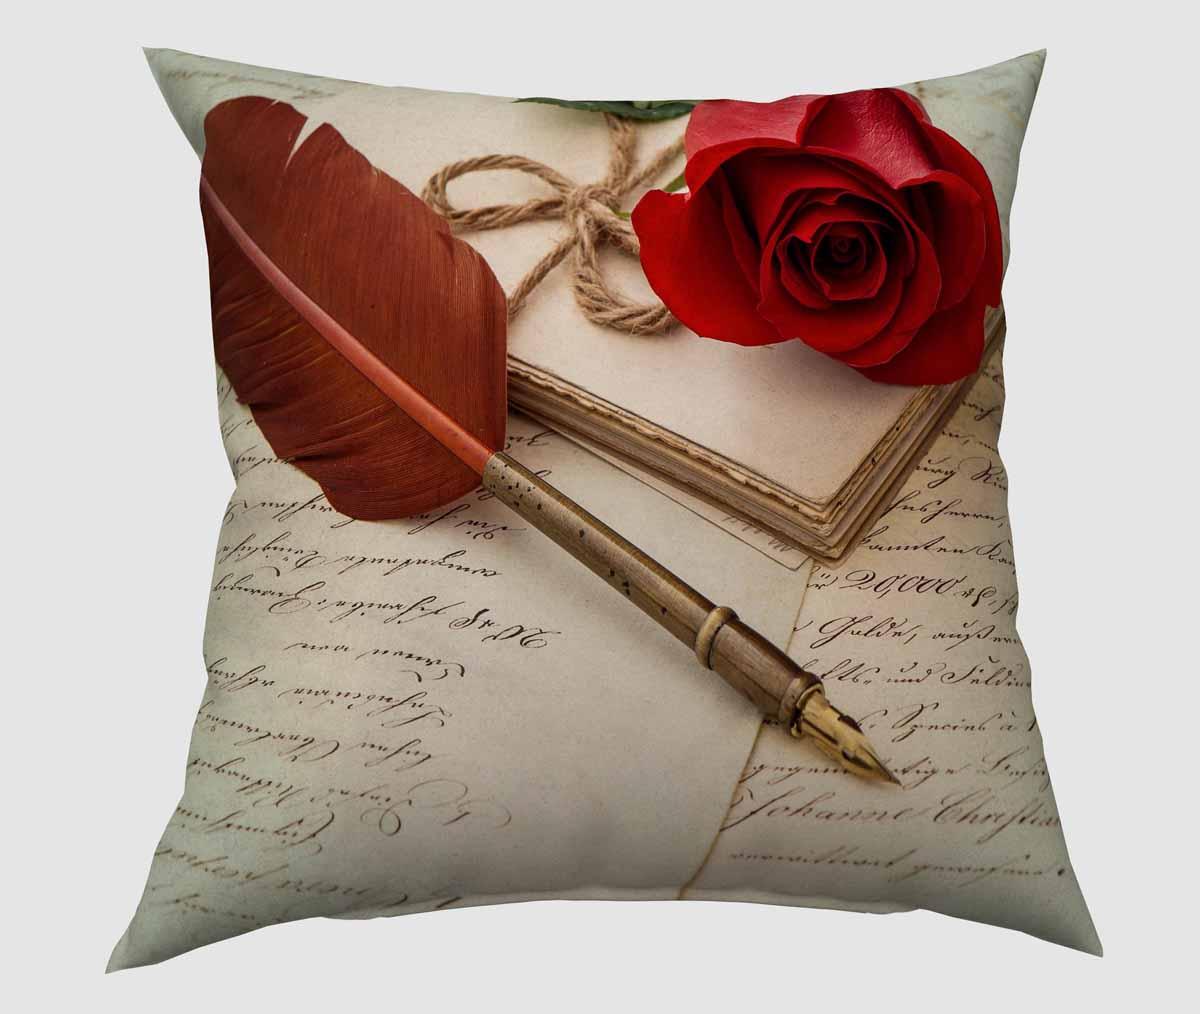 Подушка декоративная Сирень Любовное письмо, 40 х 40 смSVC-300Декоративная подушка Сирень Любовное письмо, изготовленная из габардина (100% полиэстер), прекрасно дополнит интерьер спальни или гостиной. Подушка оформлена красочным изображением. Внутри - мягкий наполнитель из холлофайбера (100% полиэстер). Красивая подушка создаст атмосферу тепла и уюта в спальне и станет прекрасным элементом декора.